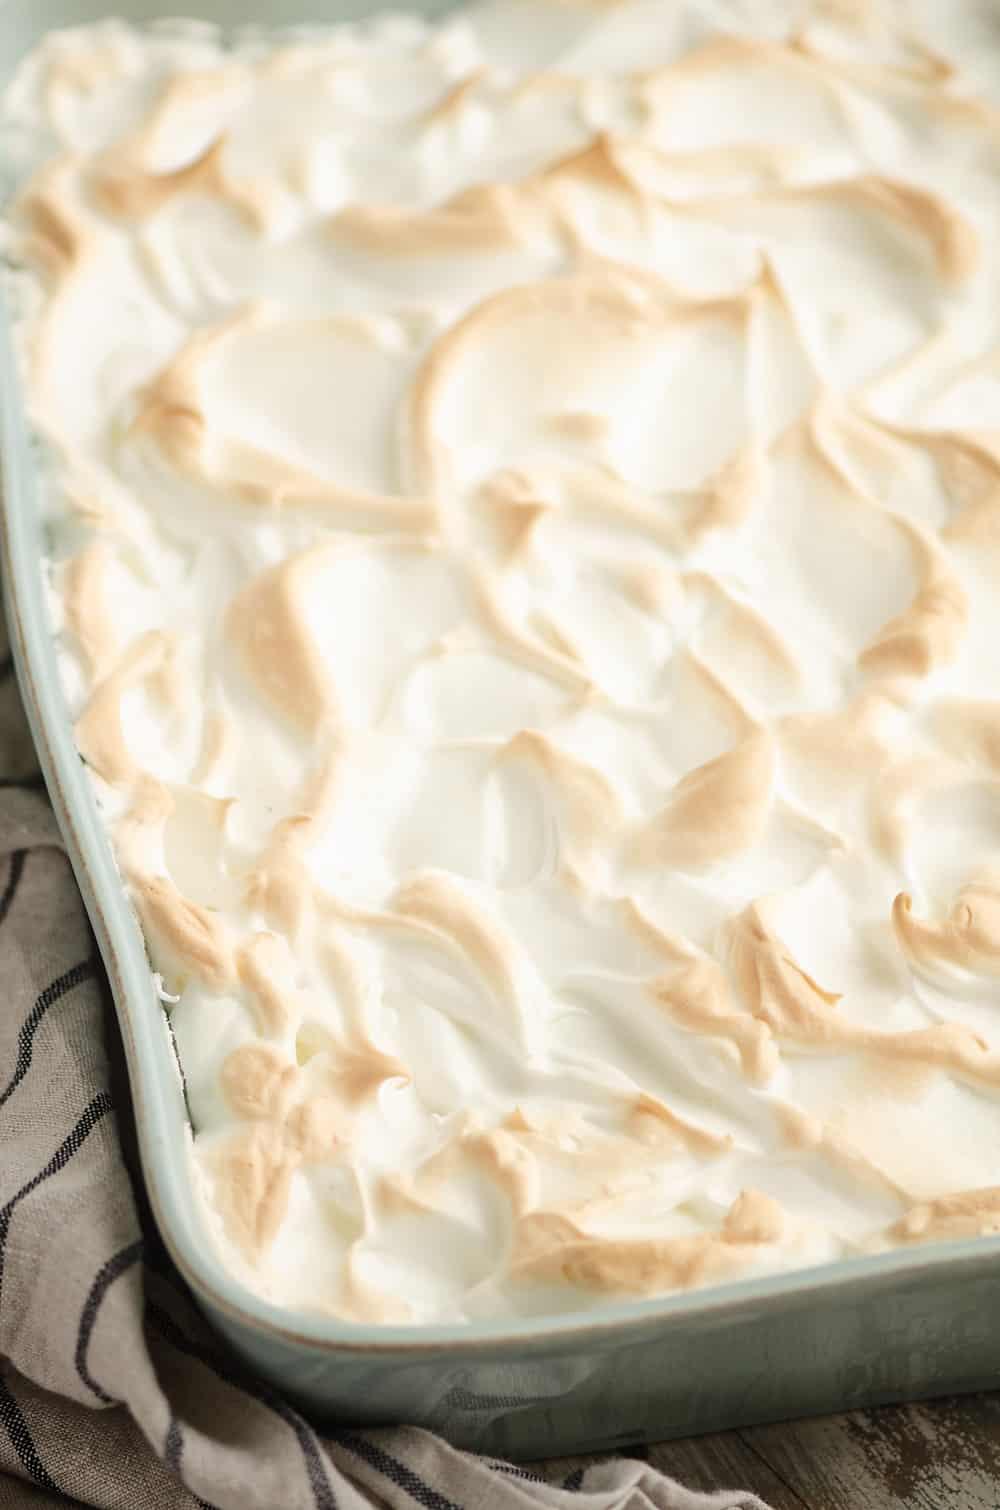 Sour Cream Raisin Meringue Bars in 9x13 pan